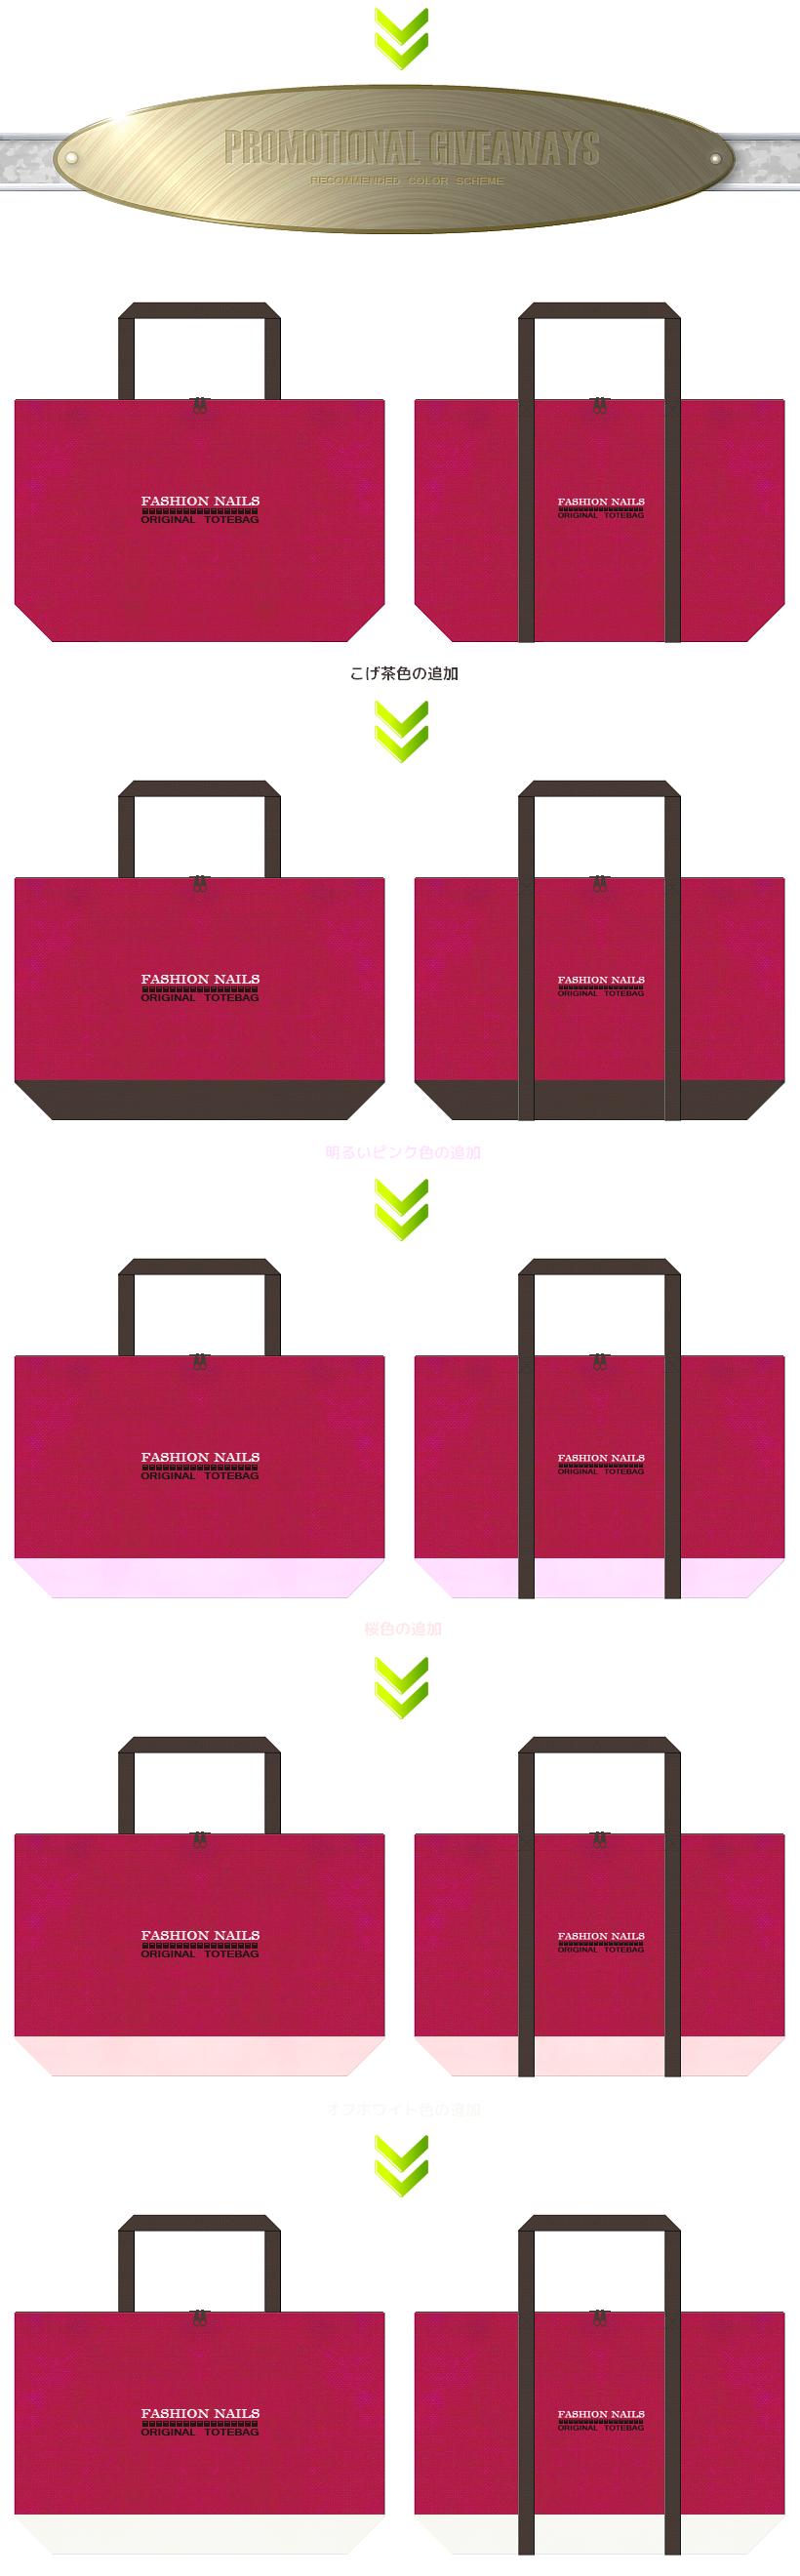 濃いピンク色とこげ茶色メインの不織布バッグのカラーシミュレーション:美容・コスメ・ネイル・エステにお奨めです。